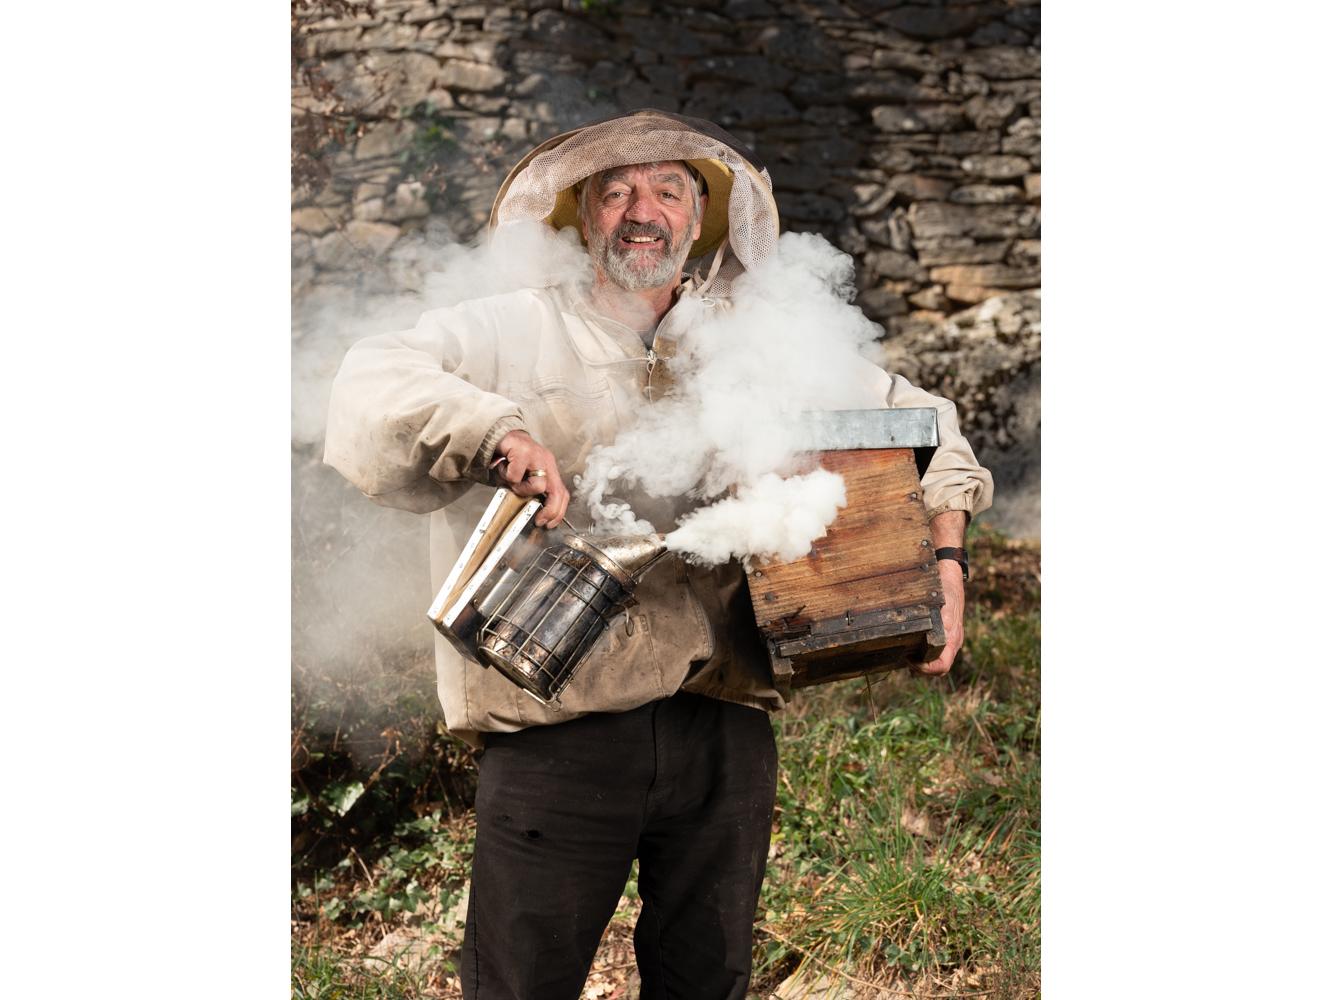 André au Riols, apiculteur usagers voie verte Parc naturel Haut-Languedoc région Occitanie